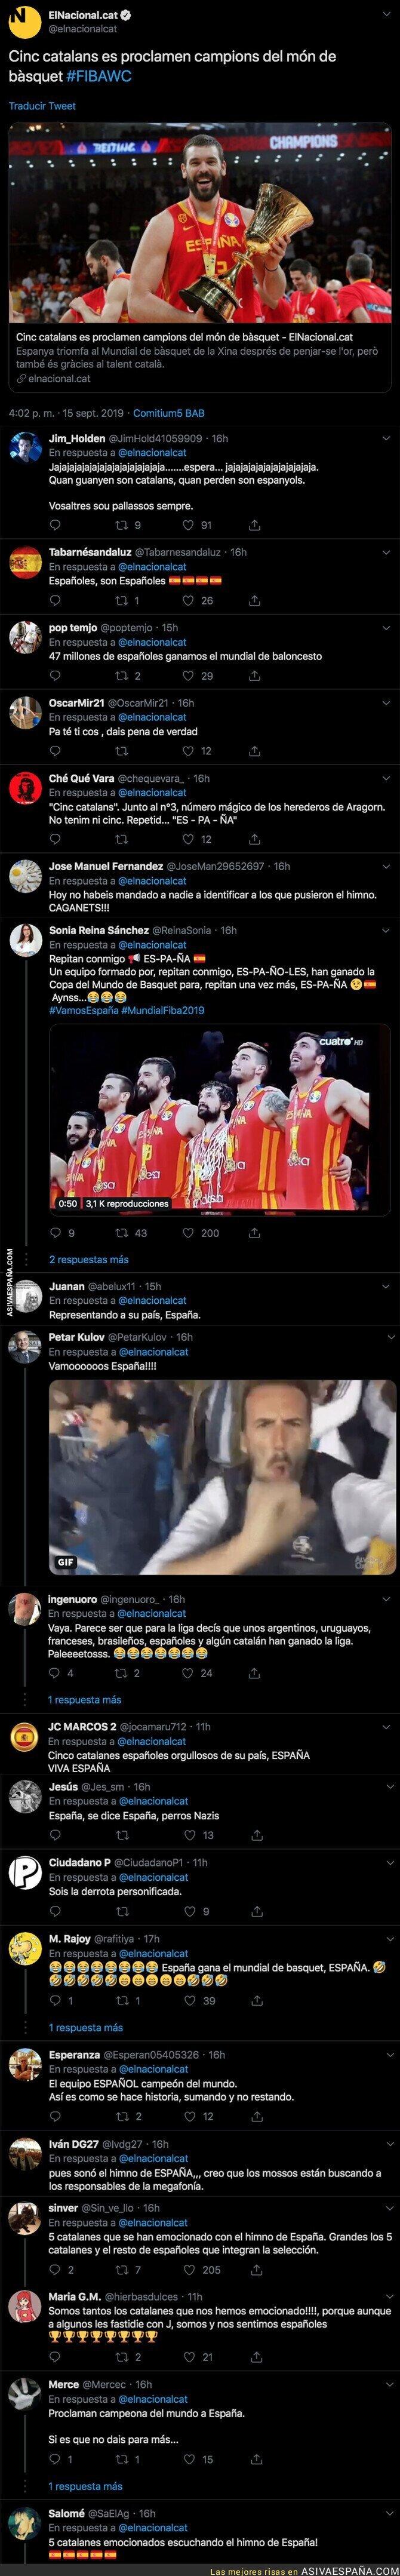 121203 - 'ElNacional.cat' habla de 5 catalanes campeones del Mundo de baloncesto y recibe una oleada de respuestas cachondeándose de ellos